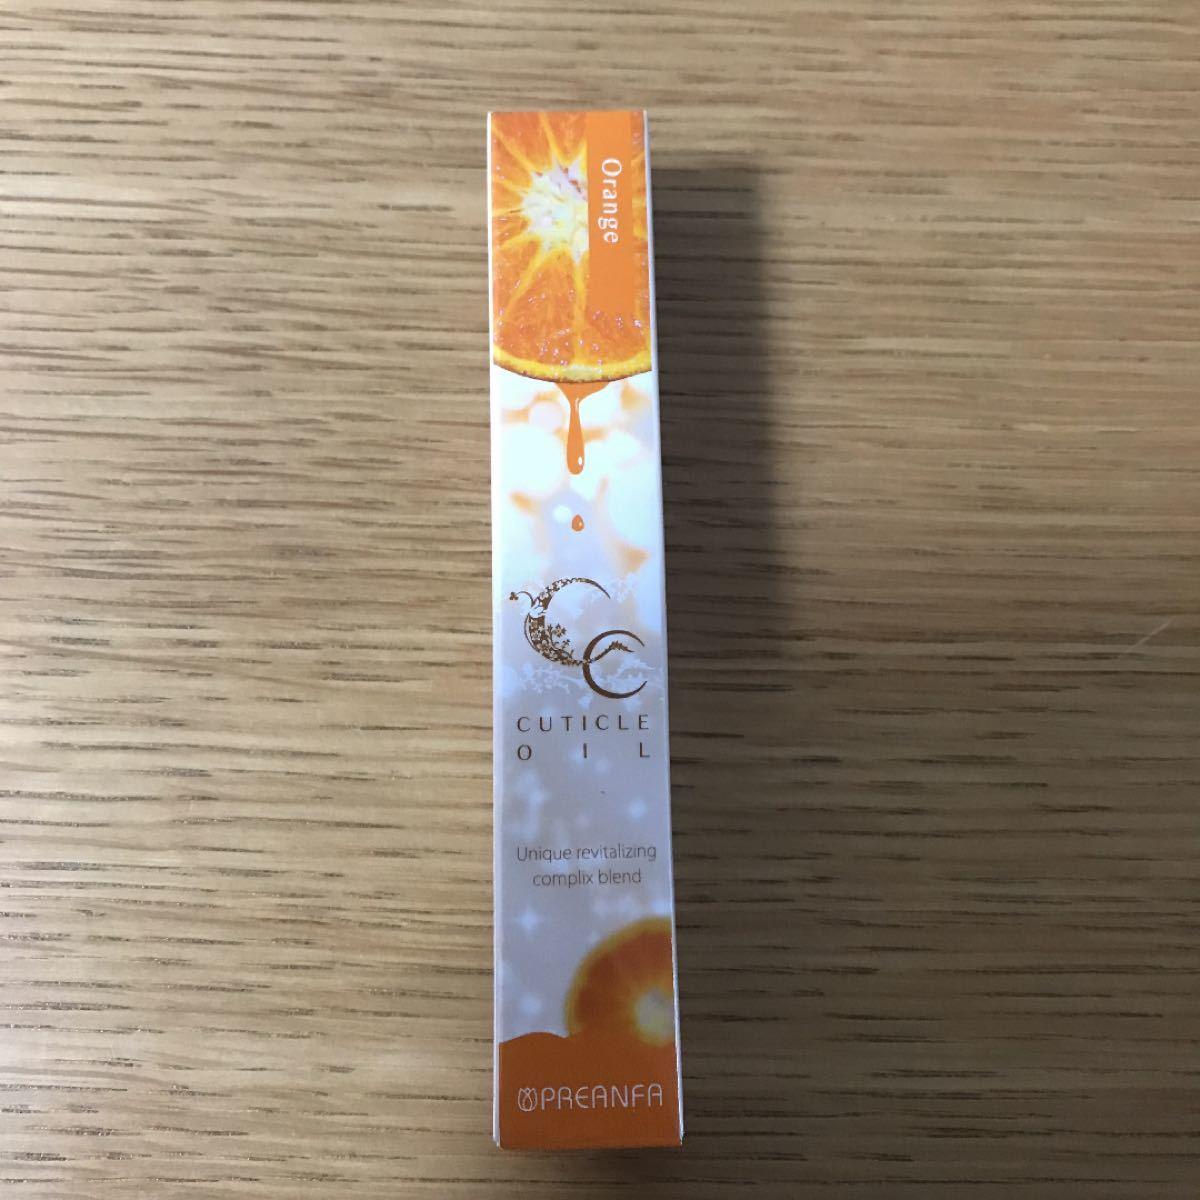 【未使用】プリジェルCCキューティクルオイルa オレンジ(爪用化粧品)